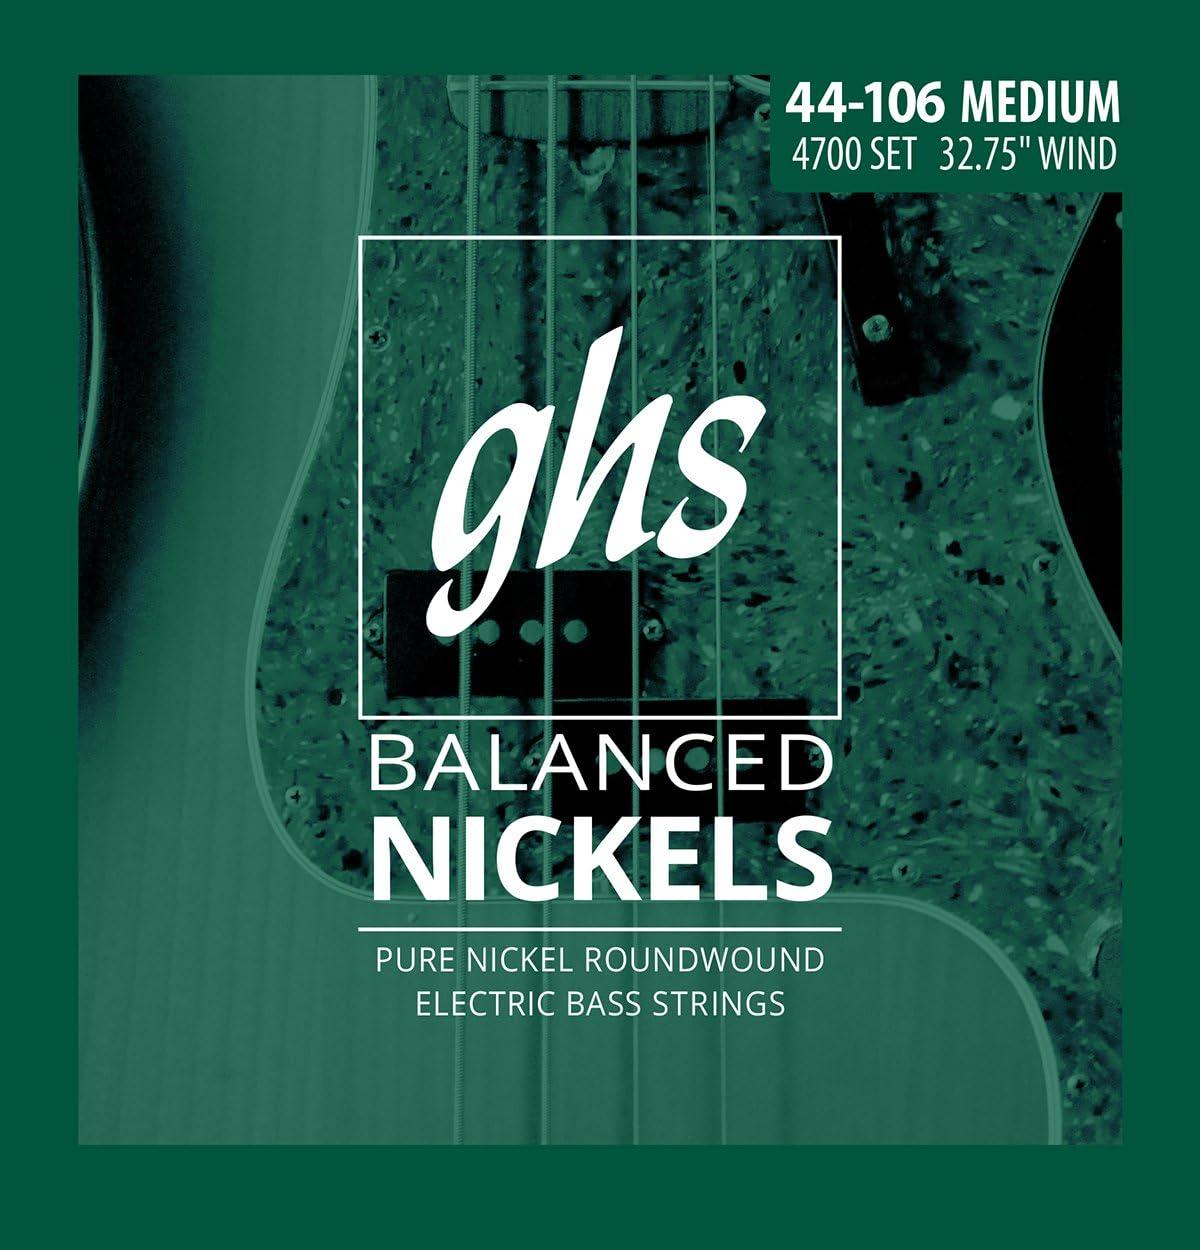 4700 GHS Strings GHS Short Scale Balanced Nickels 4 Bass Strings Medium Gauge 32.75 Winding